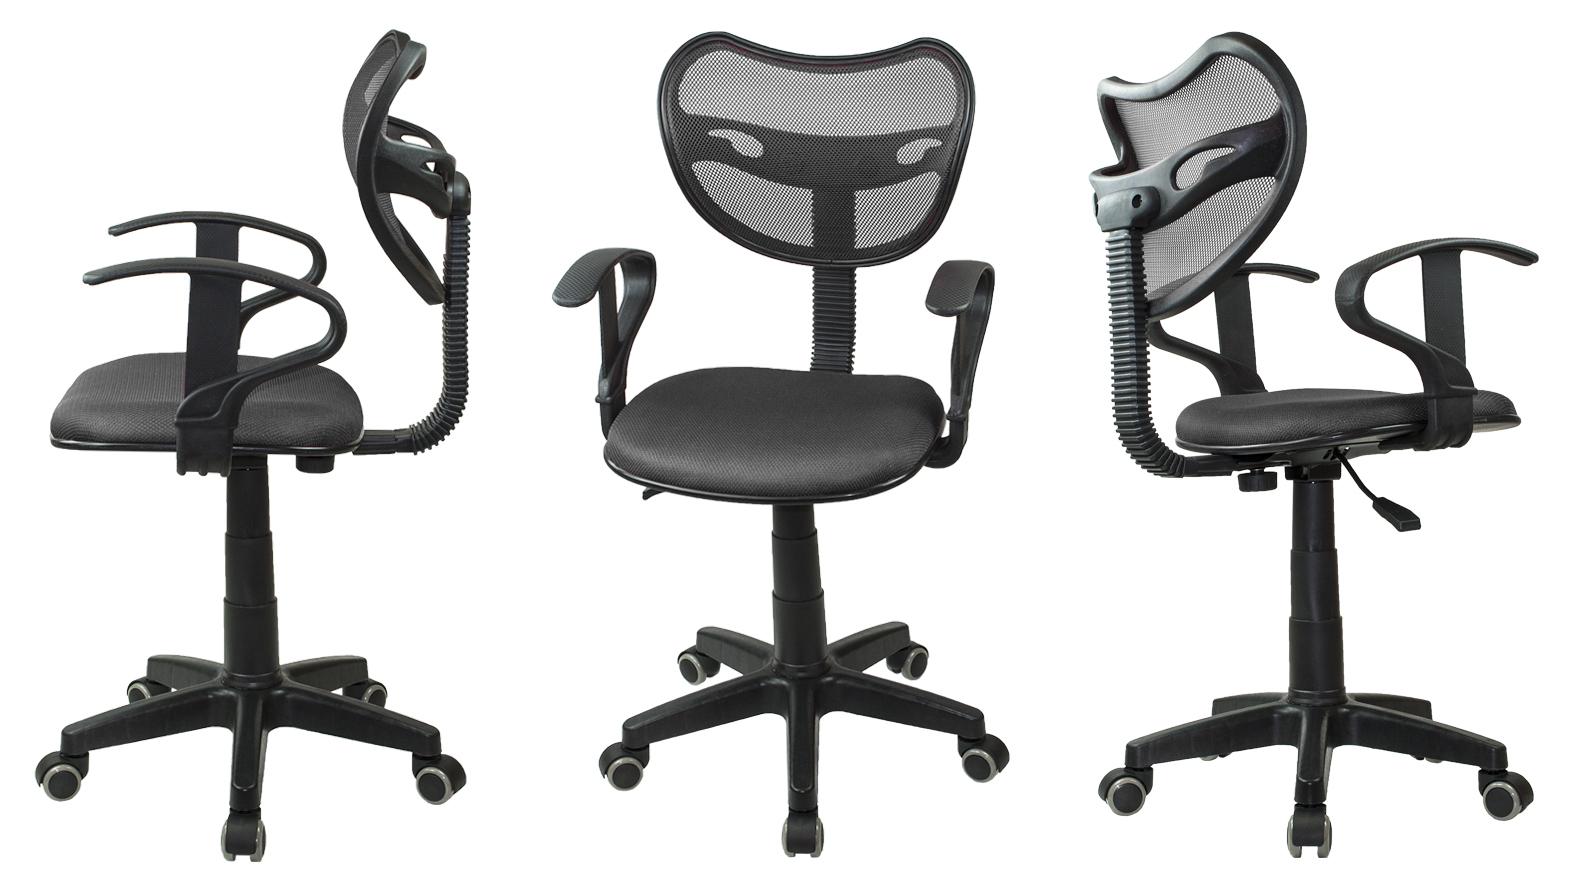 Fotel biurowy wentylowany obrotowy Model: PS89 Kolor: Czarny